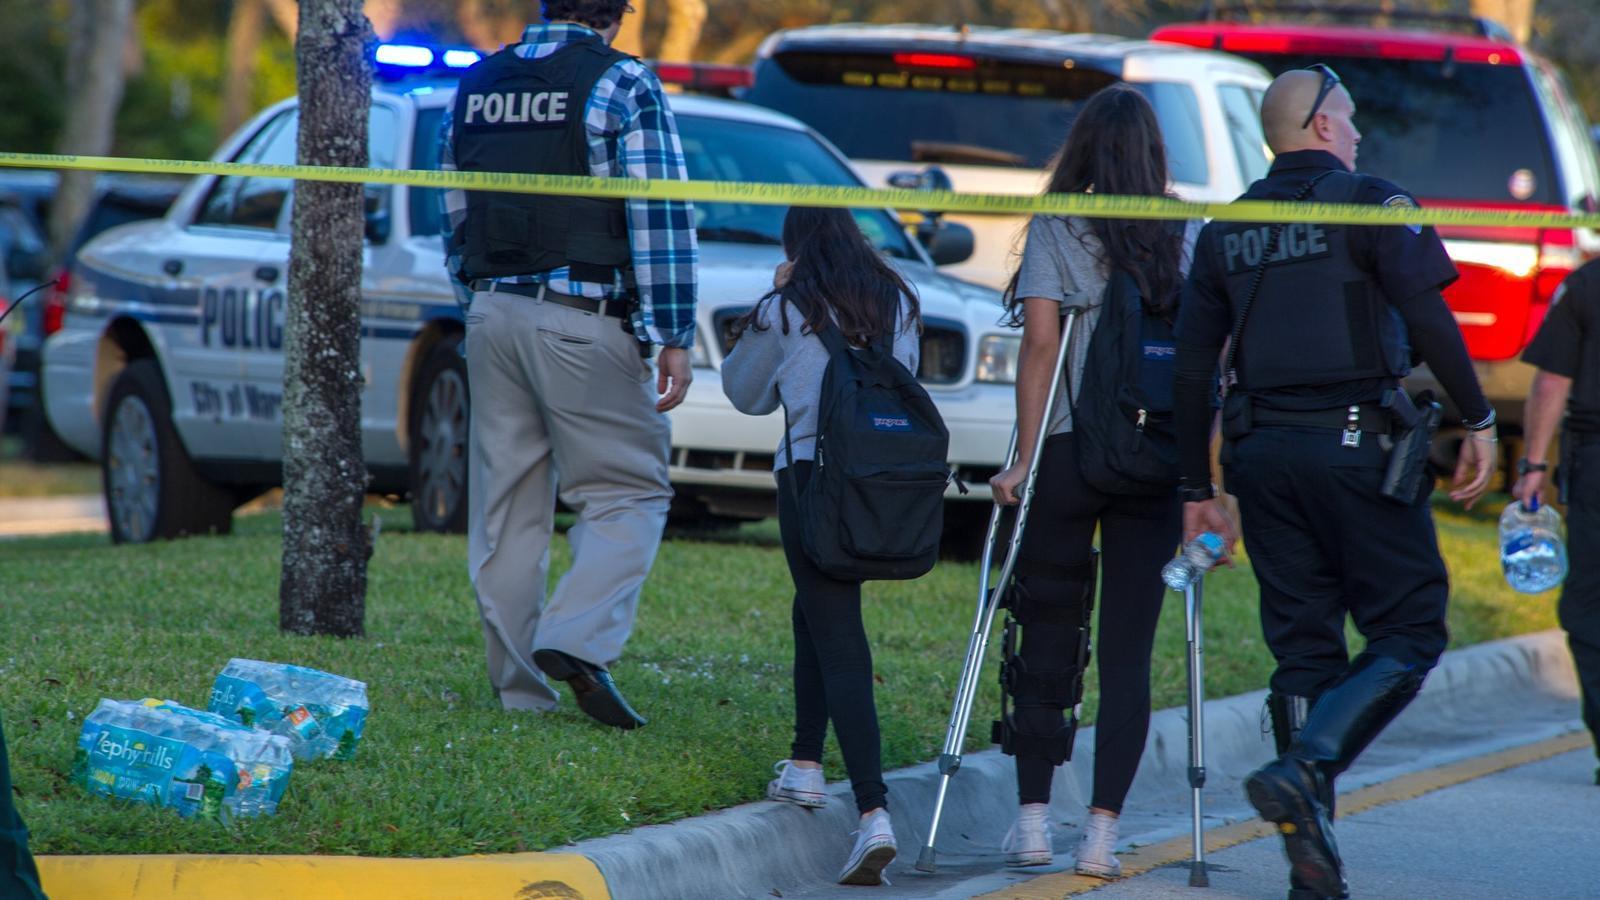 L'epidèmia nord-americana: més de 40 morts al dia per arma de foc